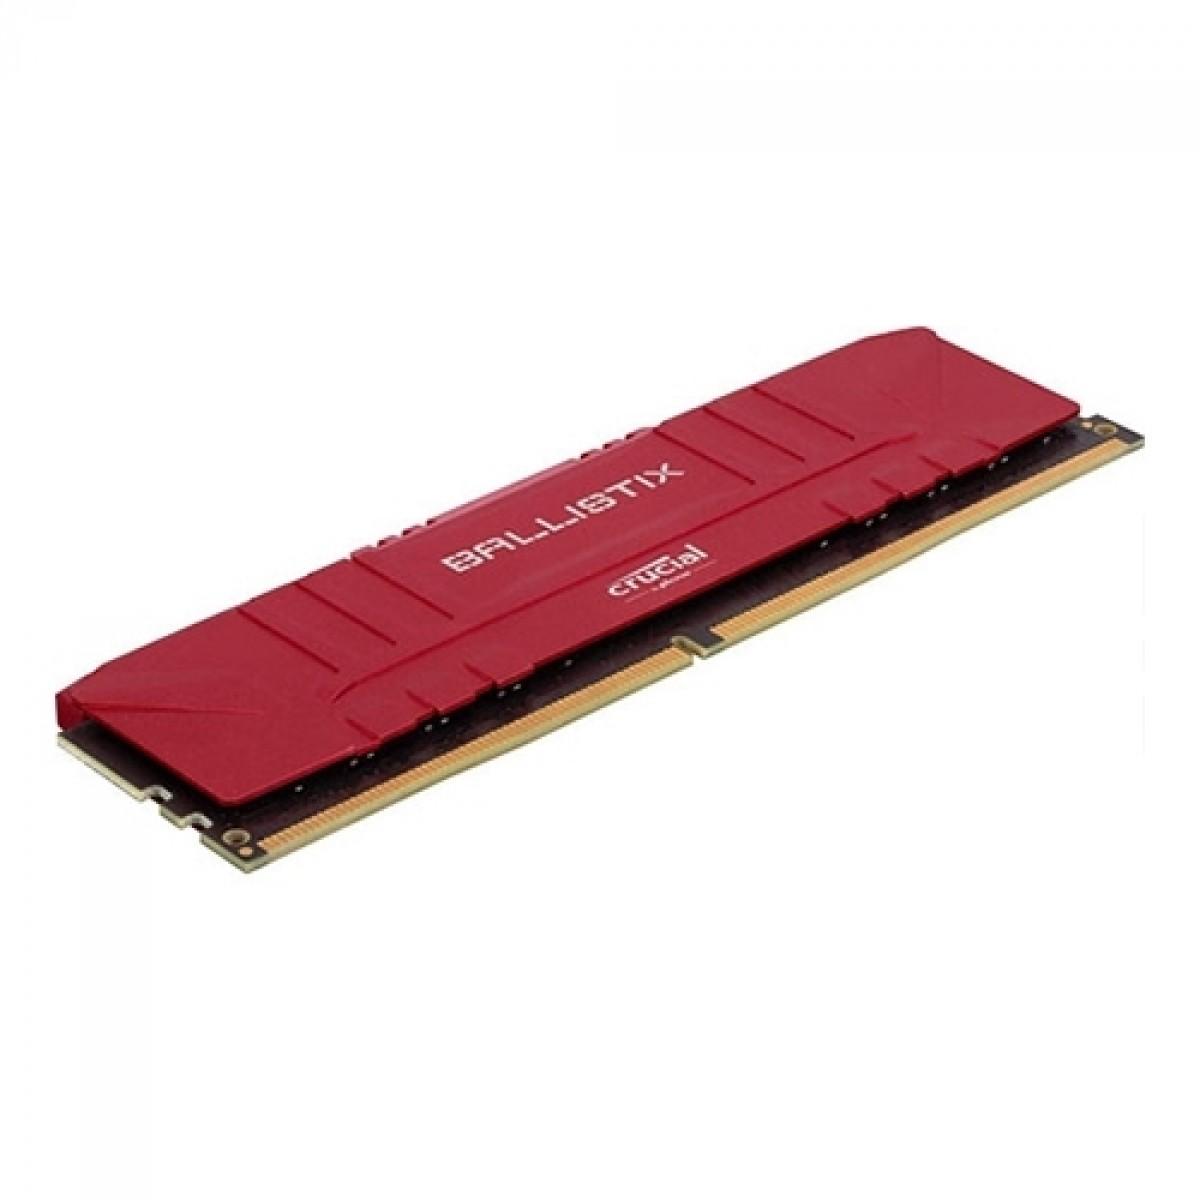 Memória DDR4 Crucial Ballistix, 16GB (2x8GB), 3200MHz, Red, BL2K8G32C16U4R